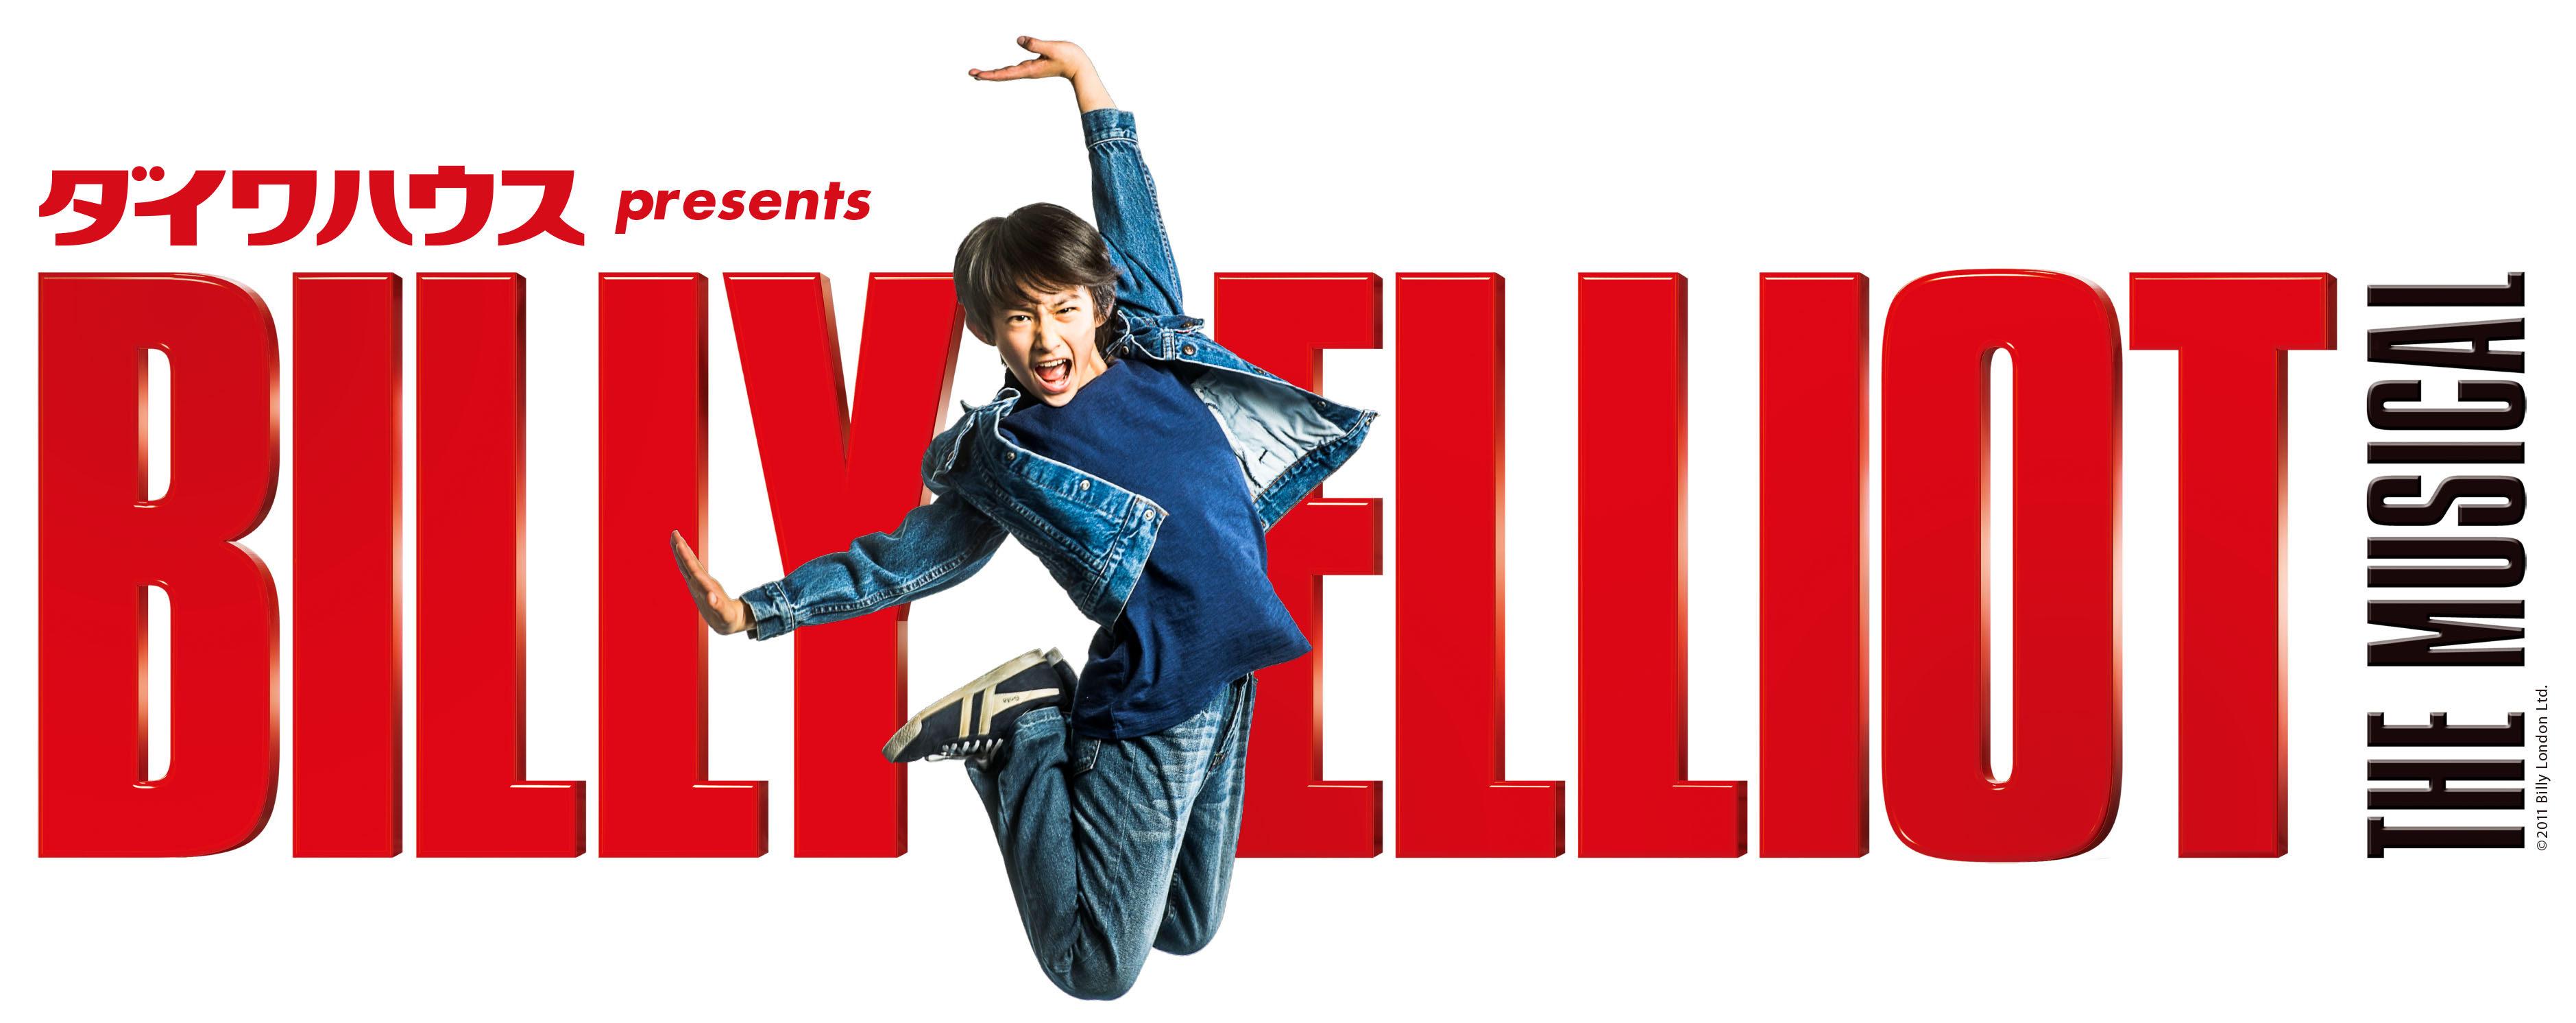 ミュージカル『ビリー・エリオット~リトル・ダンサー~』